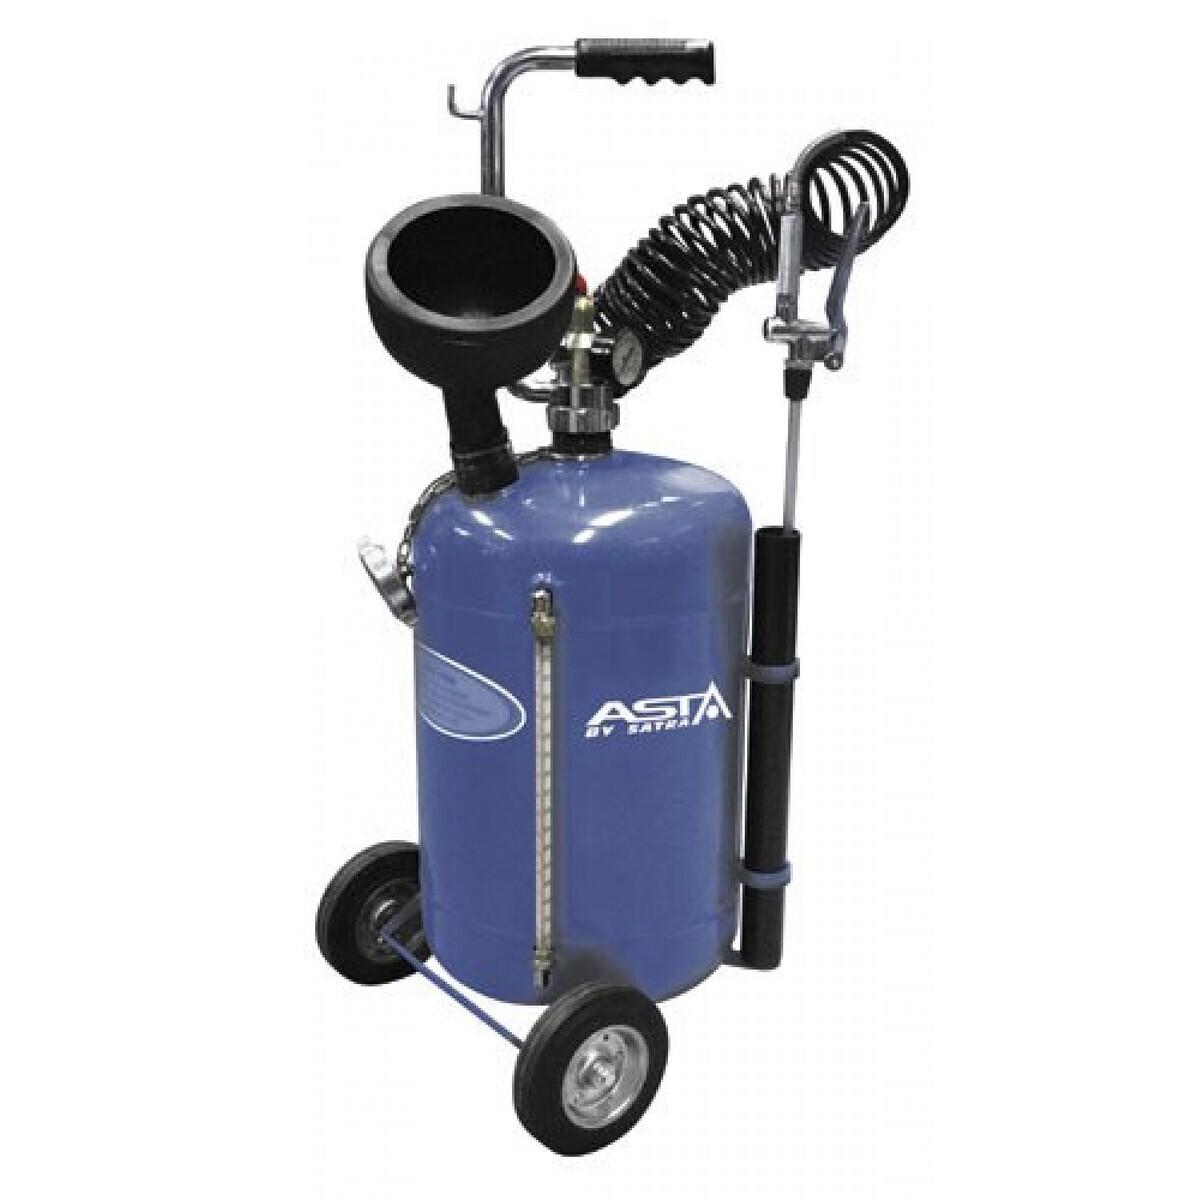 Postřikovač pojízdný pneumatický, 30 litrů, 10 bar - ASTA